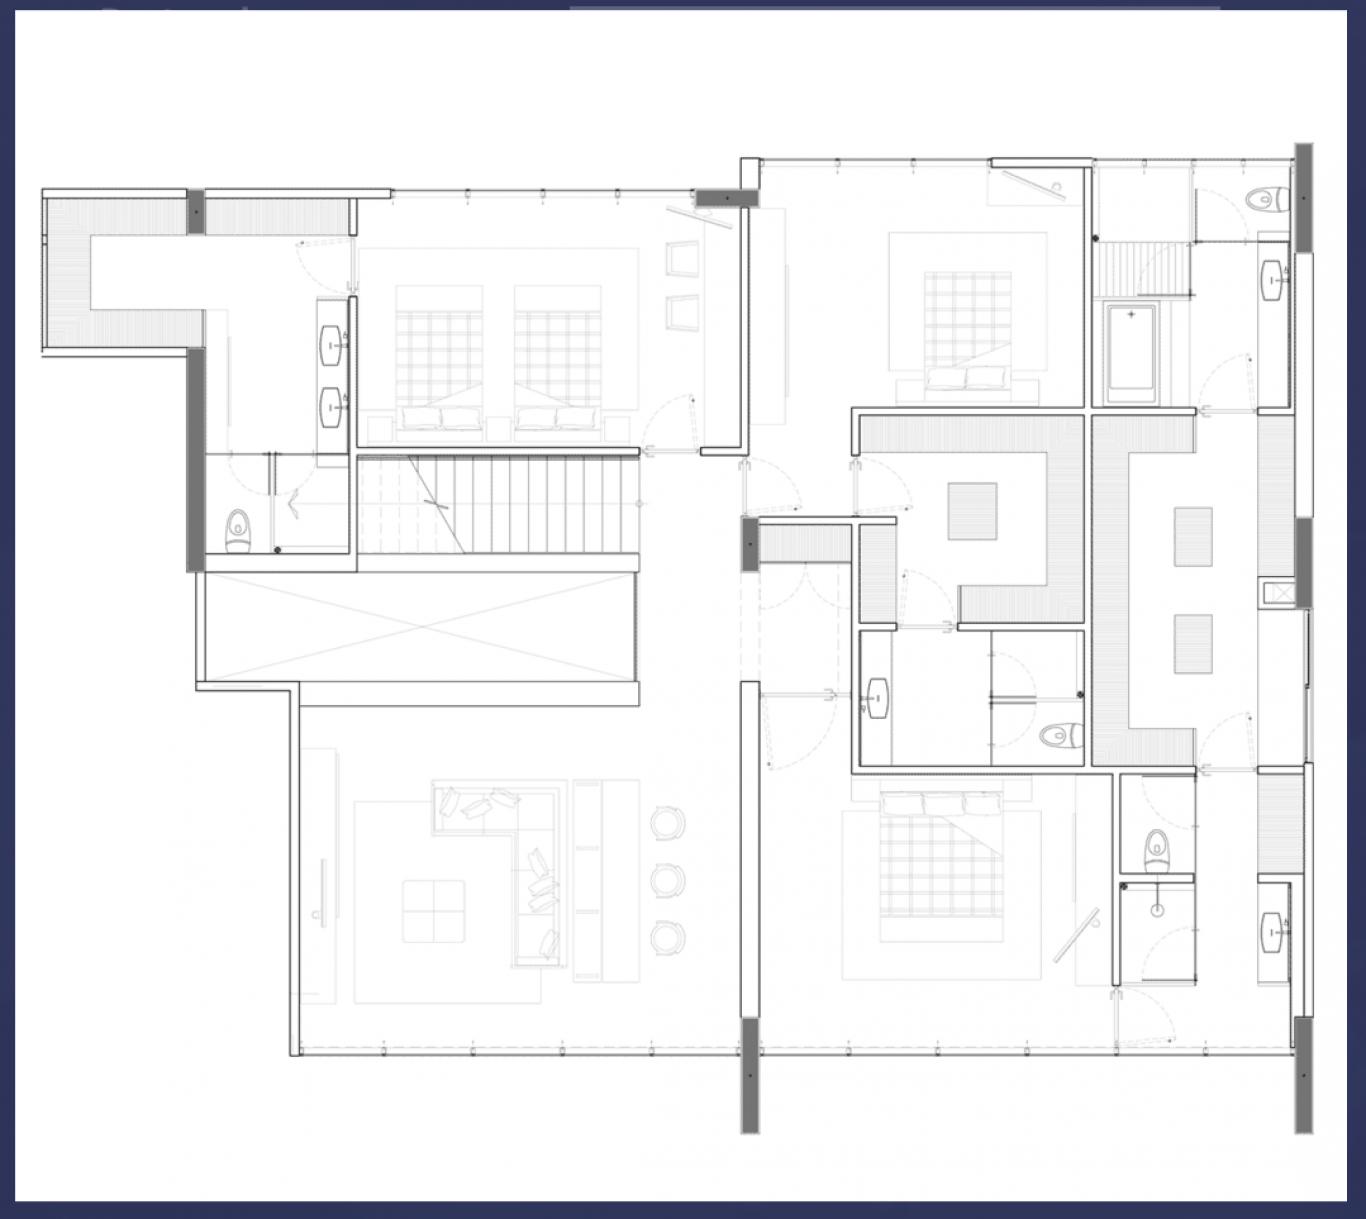 Club residencial bosques, id 1472095, no 1, plano de pentgarden tipo 4, 15